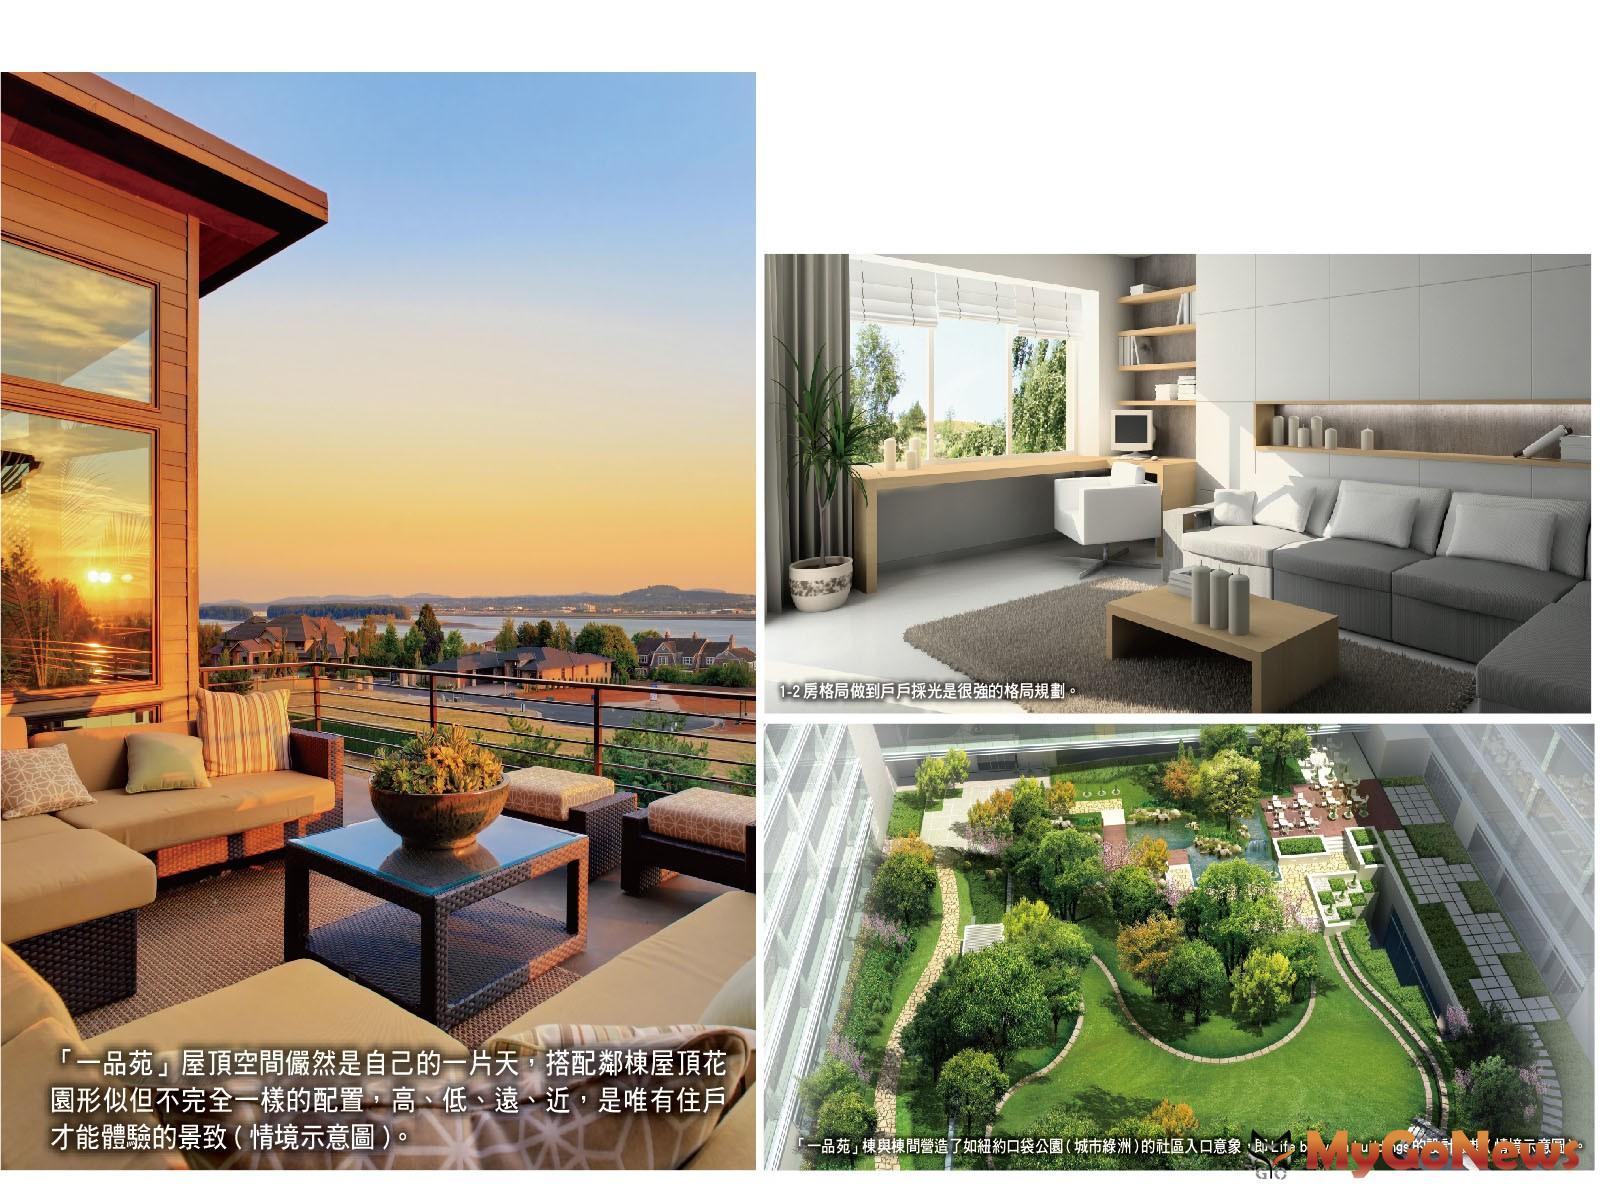 「一品苑」屋頂空間儼然是自己的一片天,搭配鄰棟屋頂花 園形似但不完全一樣的配置,高、低、遠、近,是唯有住戶 才能體驗的景致( 情境示意圖)。 MyGoNews房地產新聞 專題報導